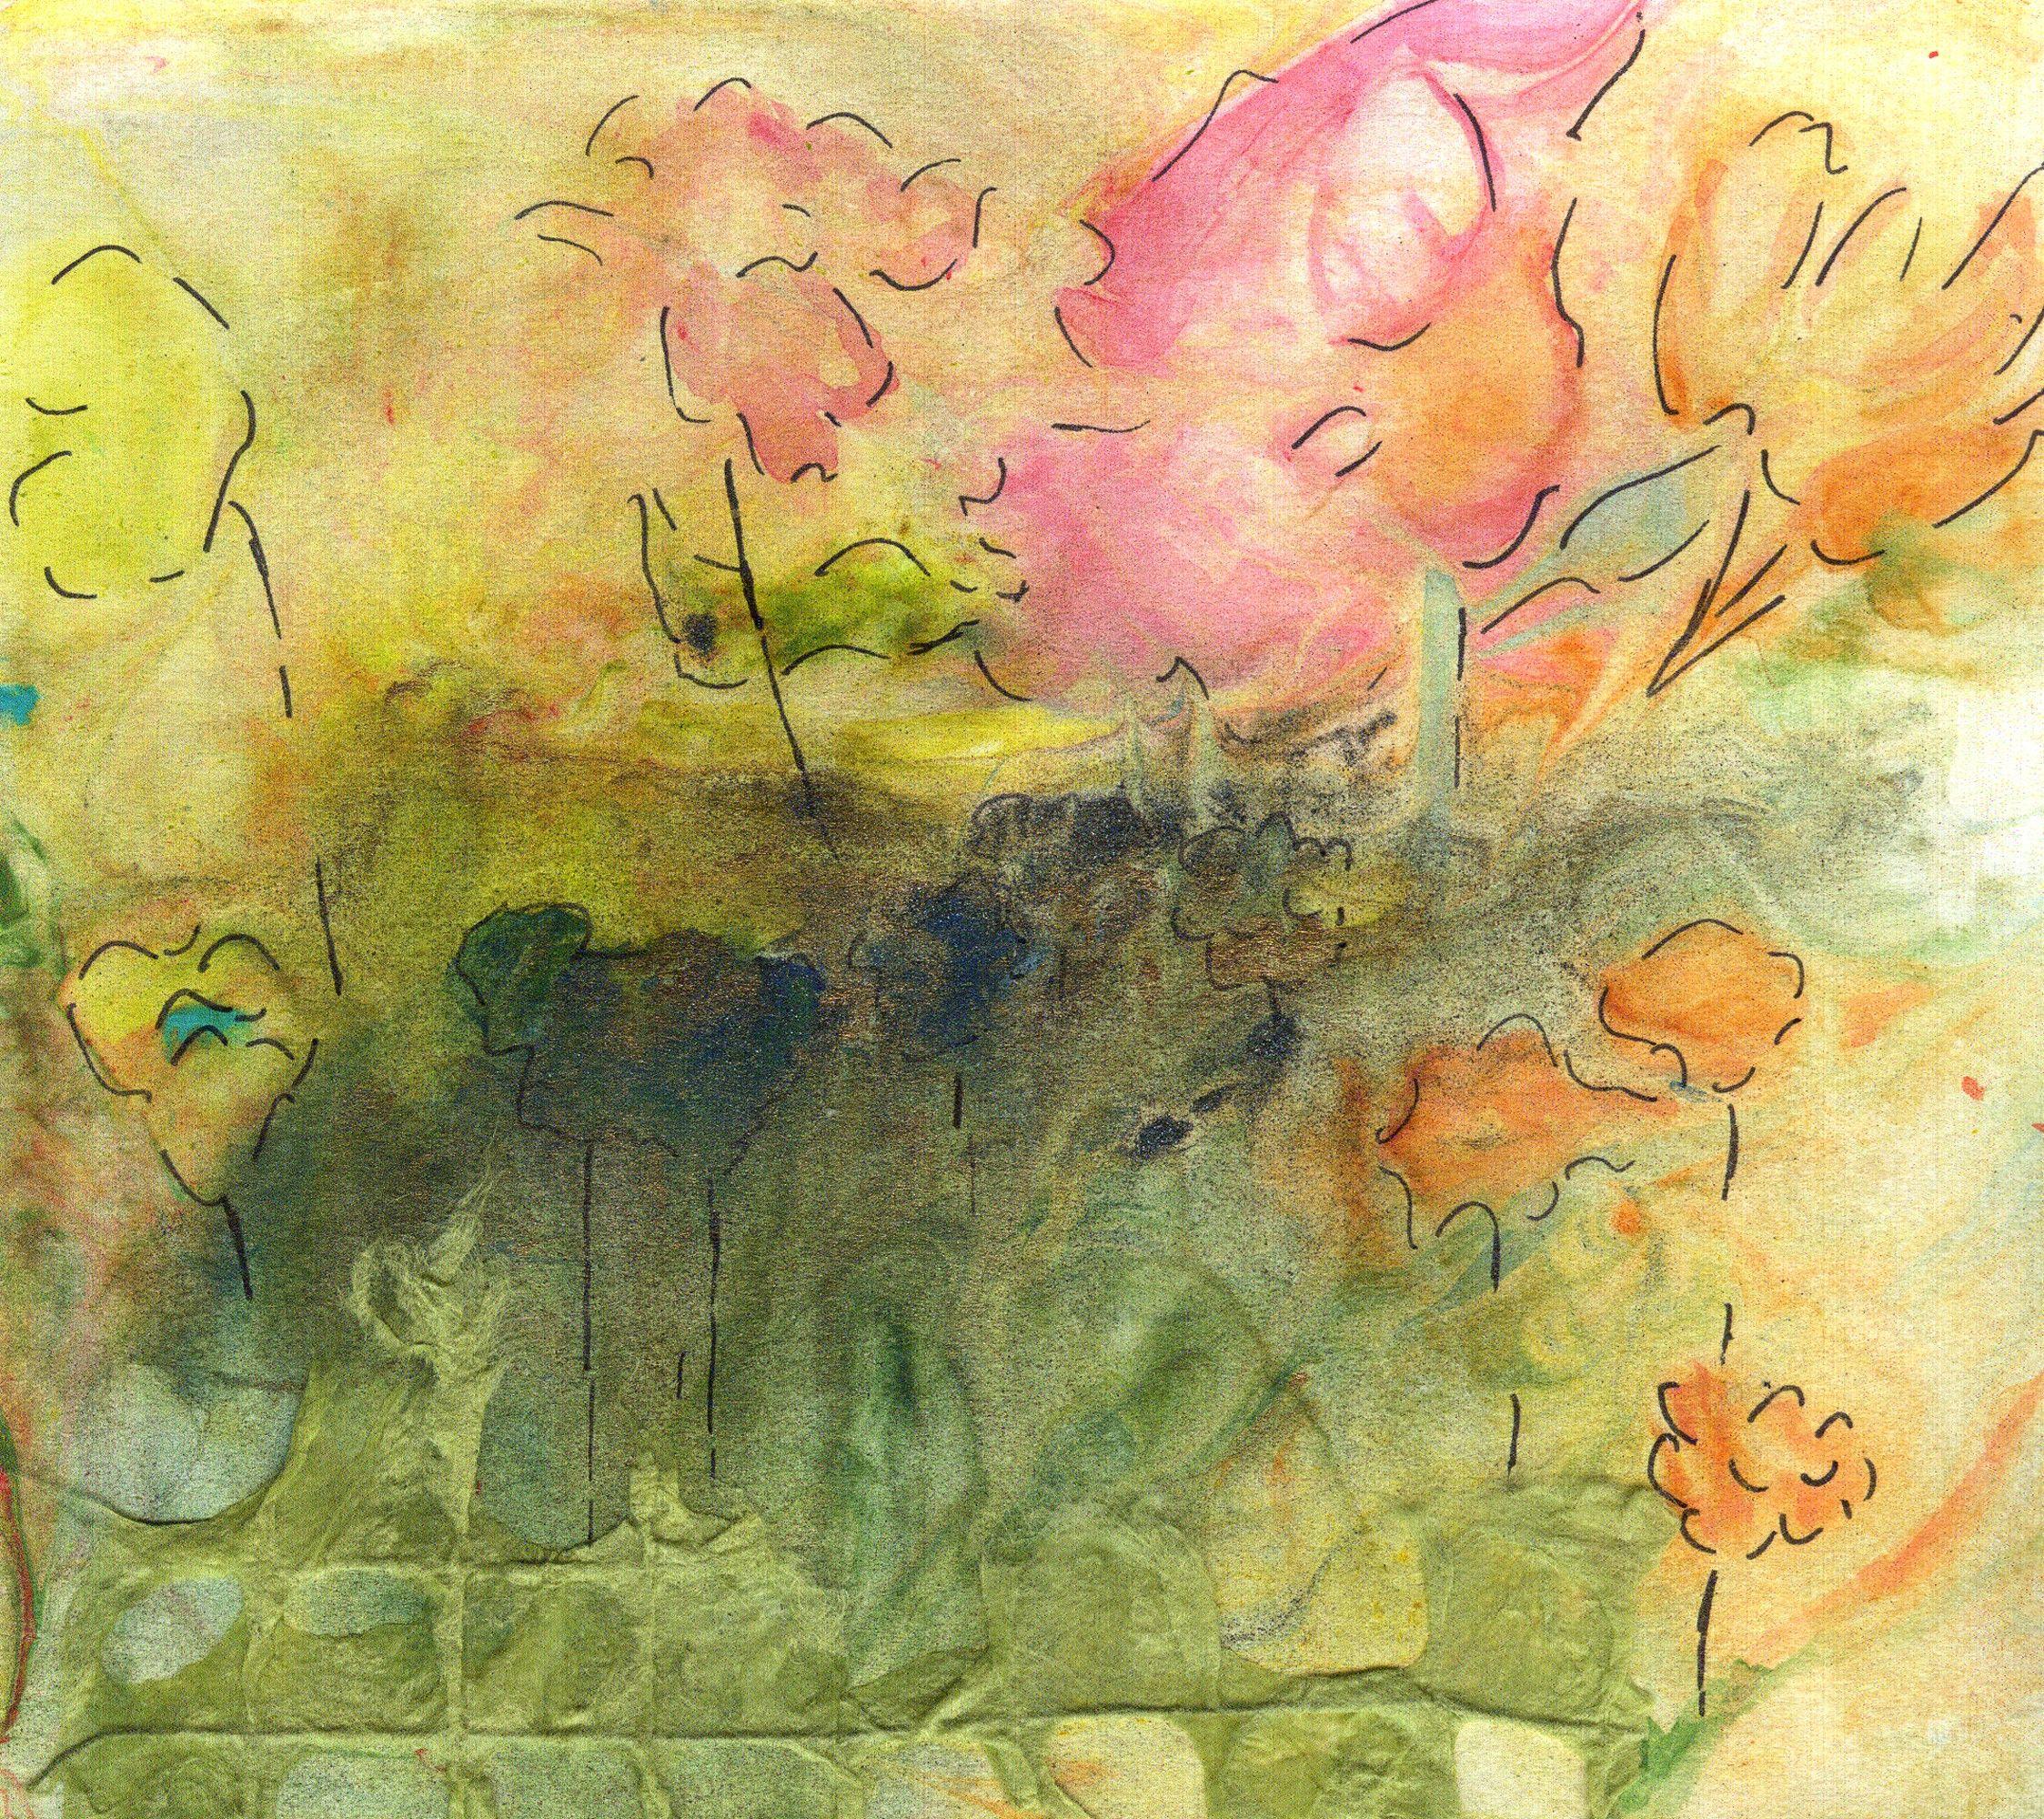 Imagenary garden,  jardin imaginaire.